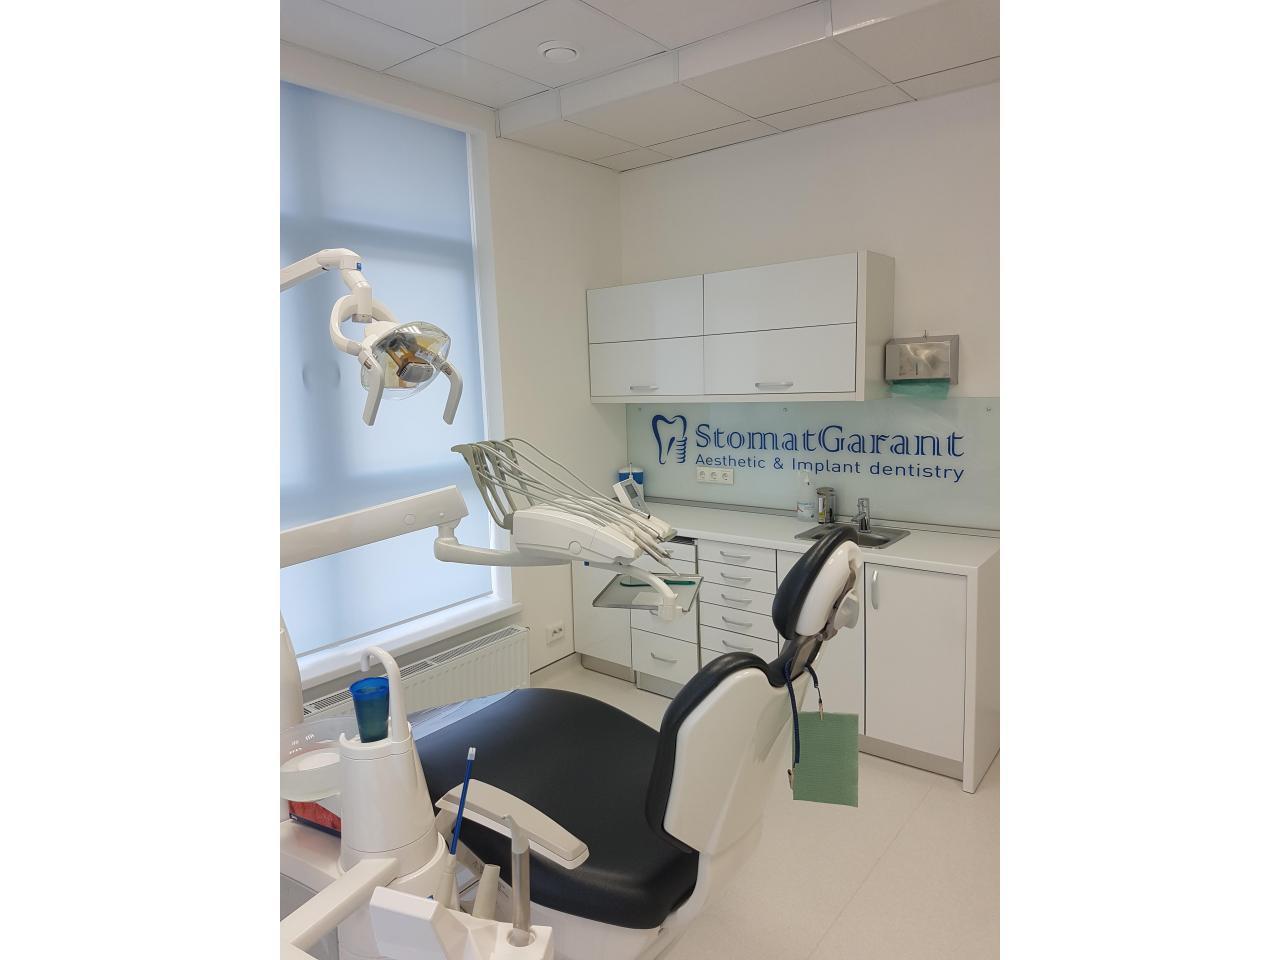 Стоматологические услуги - 2